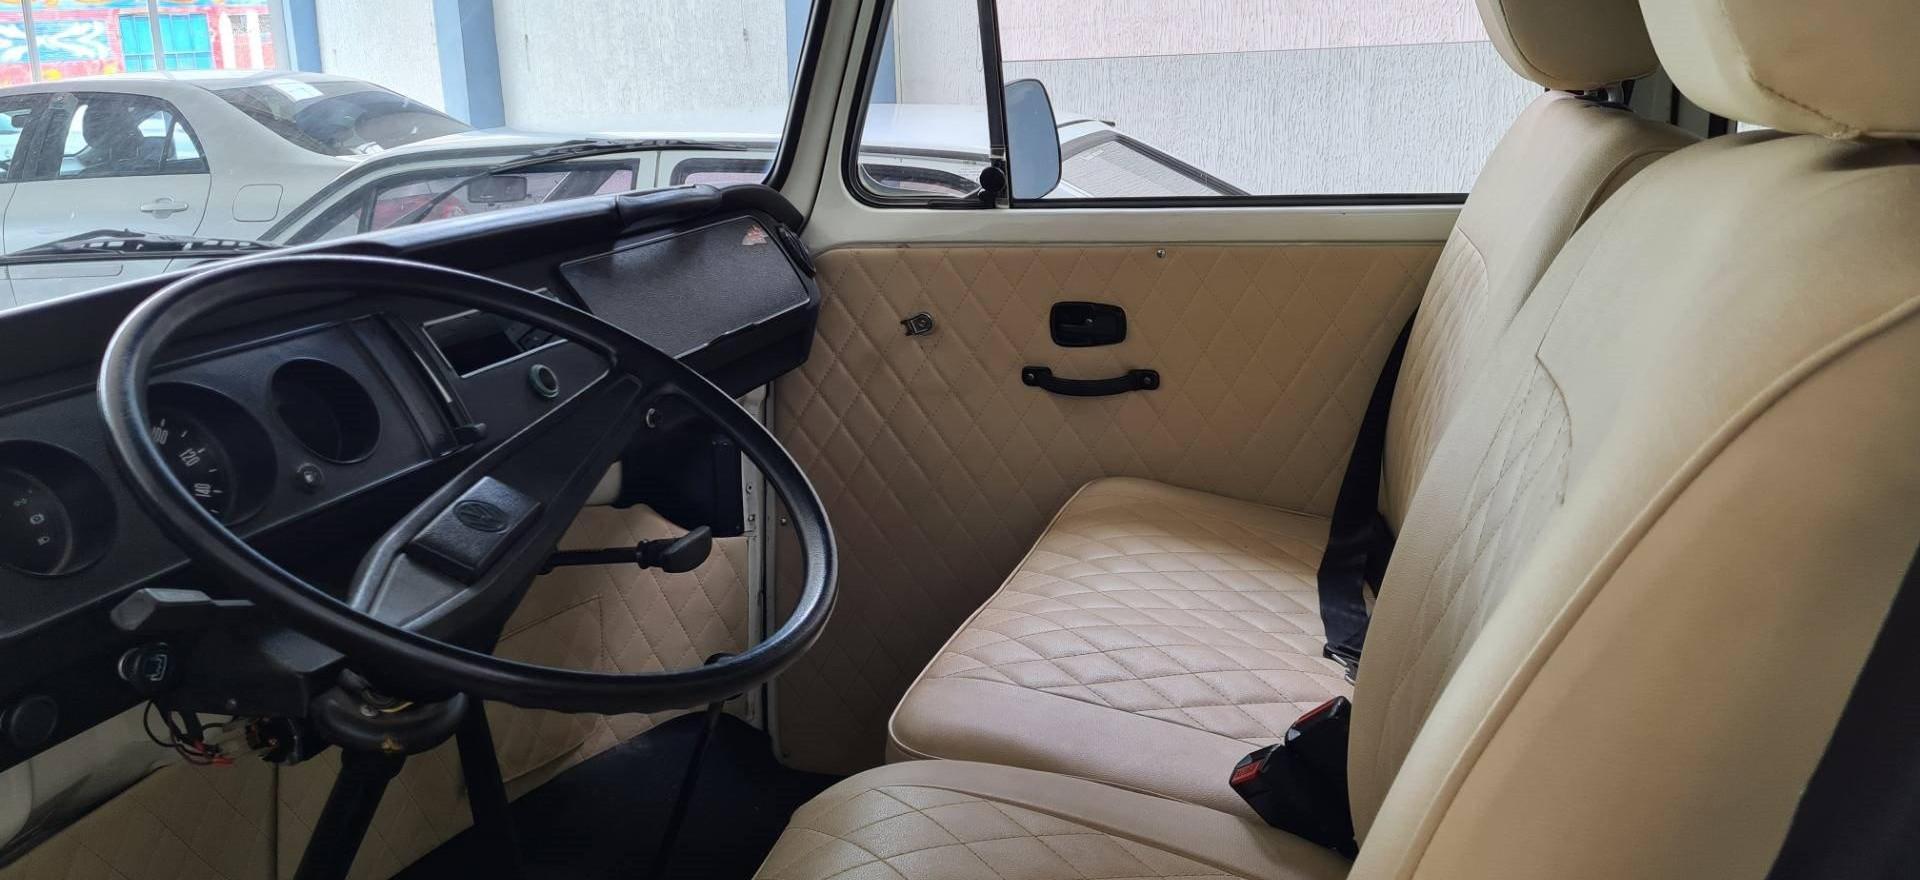 1992 Volkswagen Baywindow